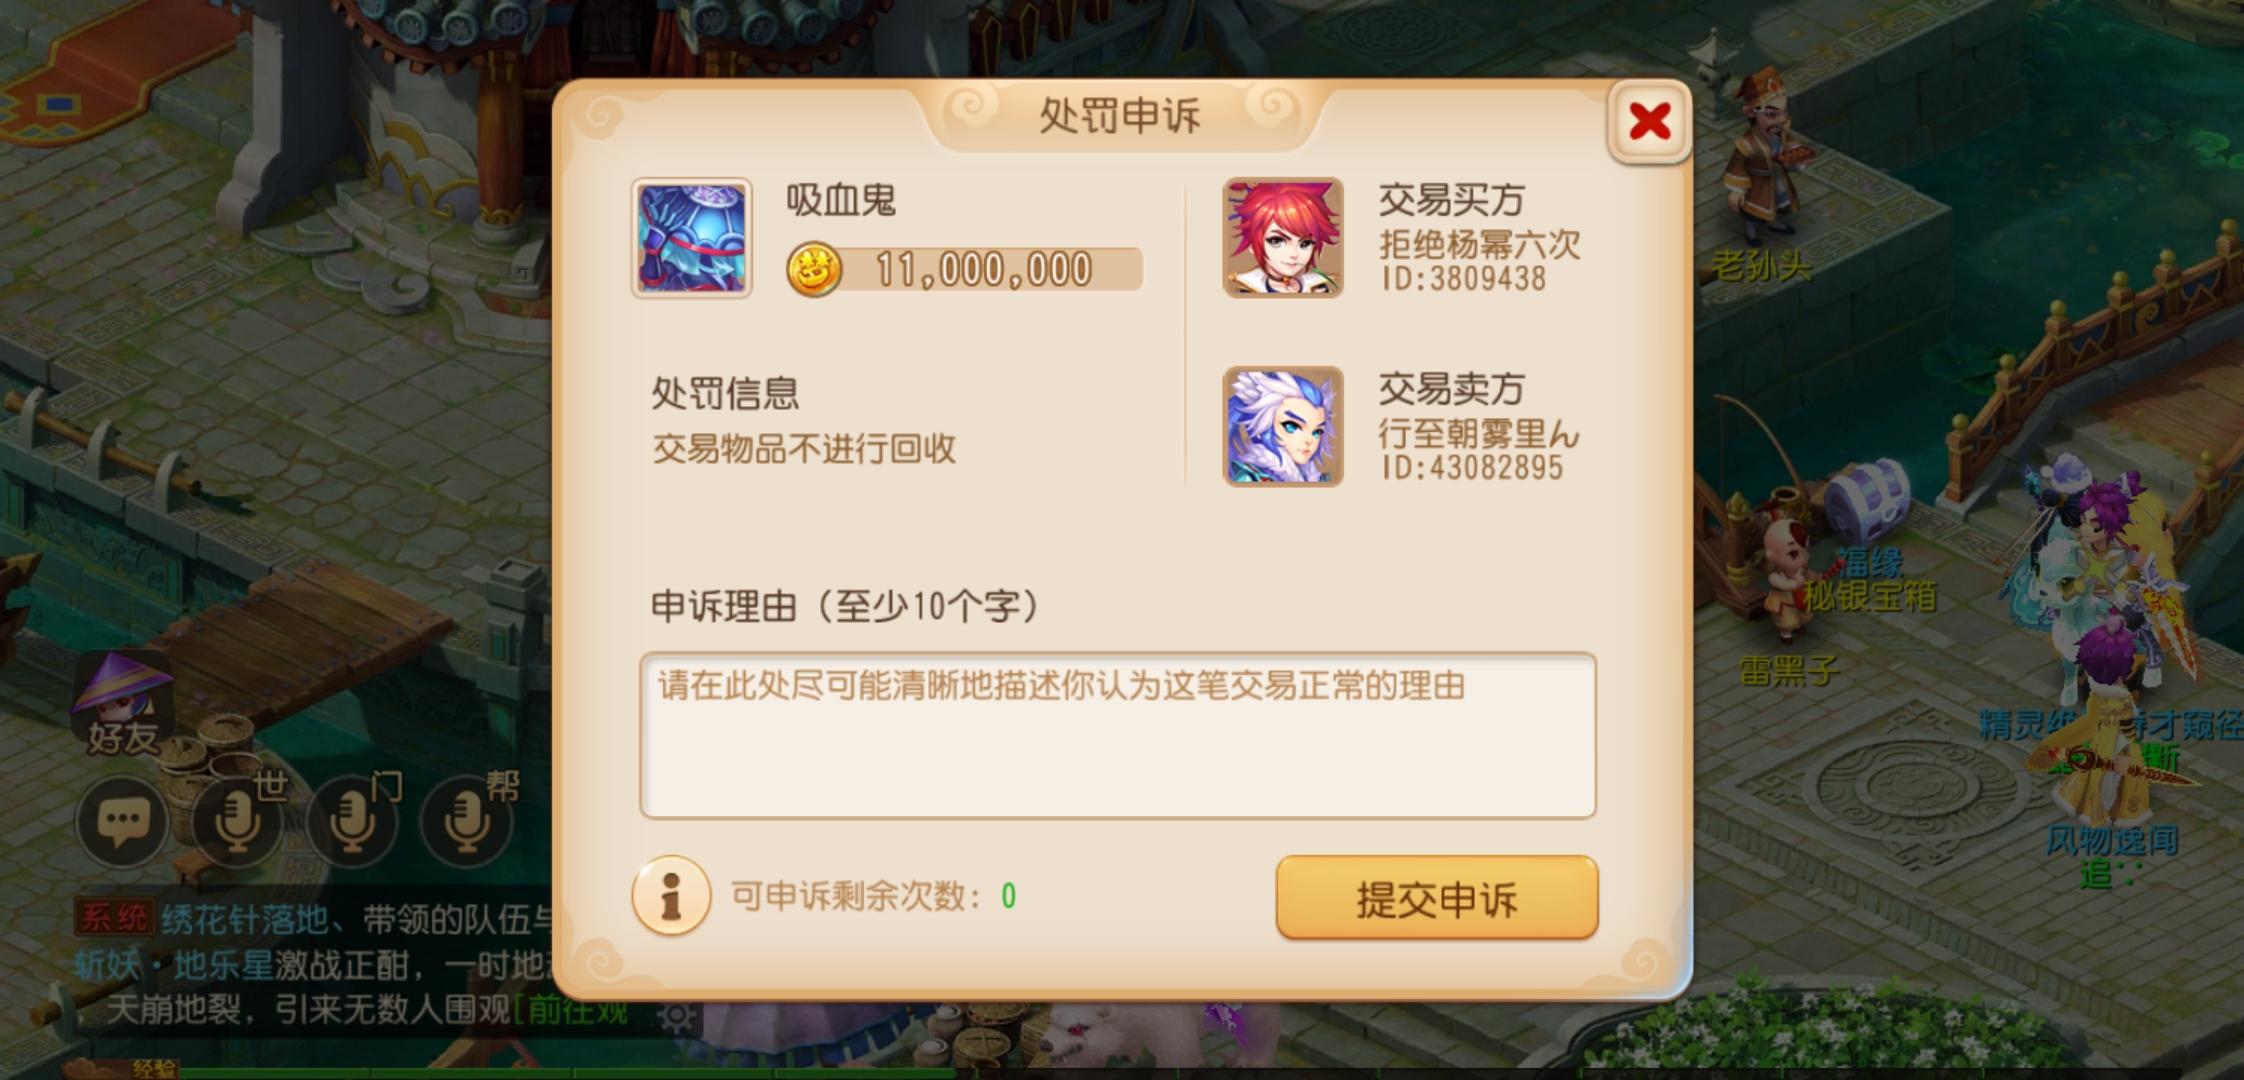 Screenshot_20200623_194330_com.netease.my.mi.jpg